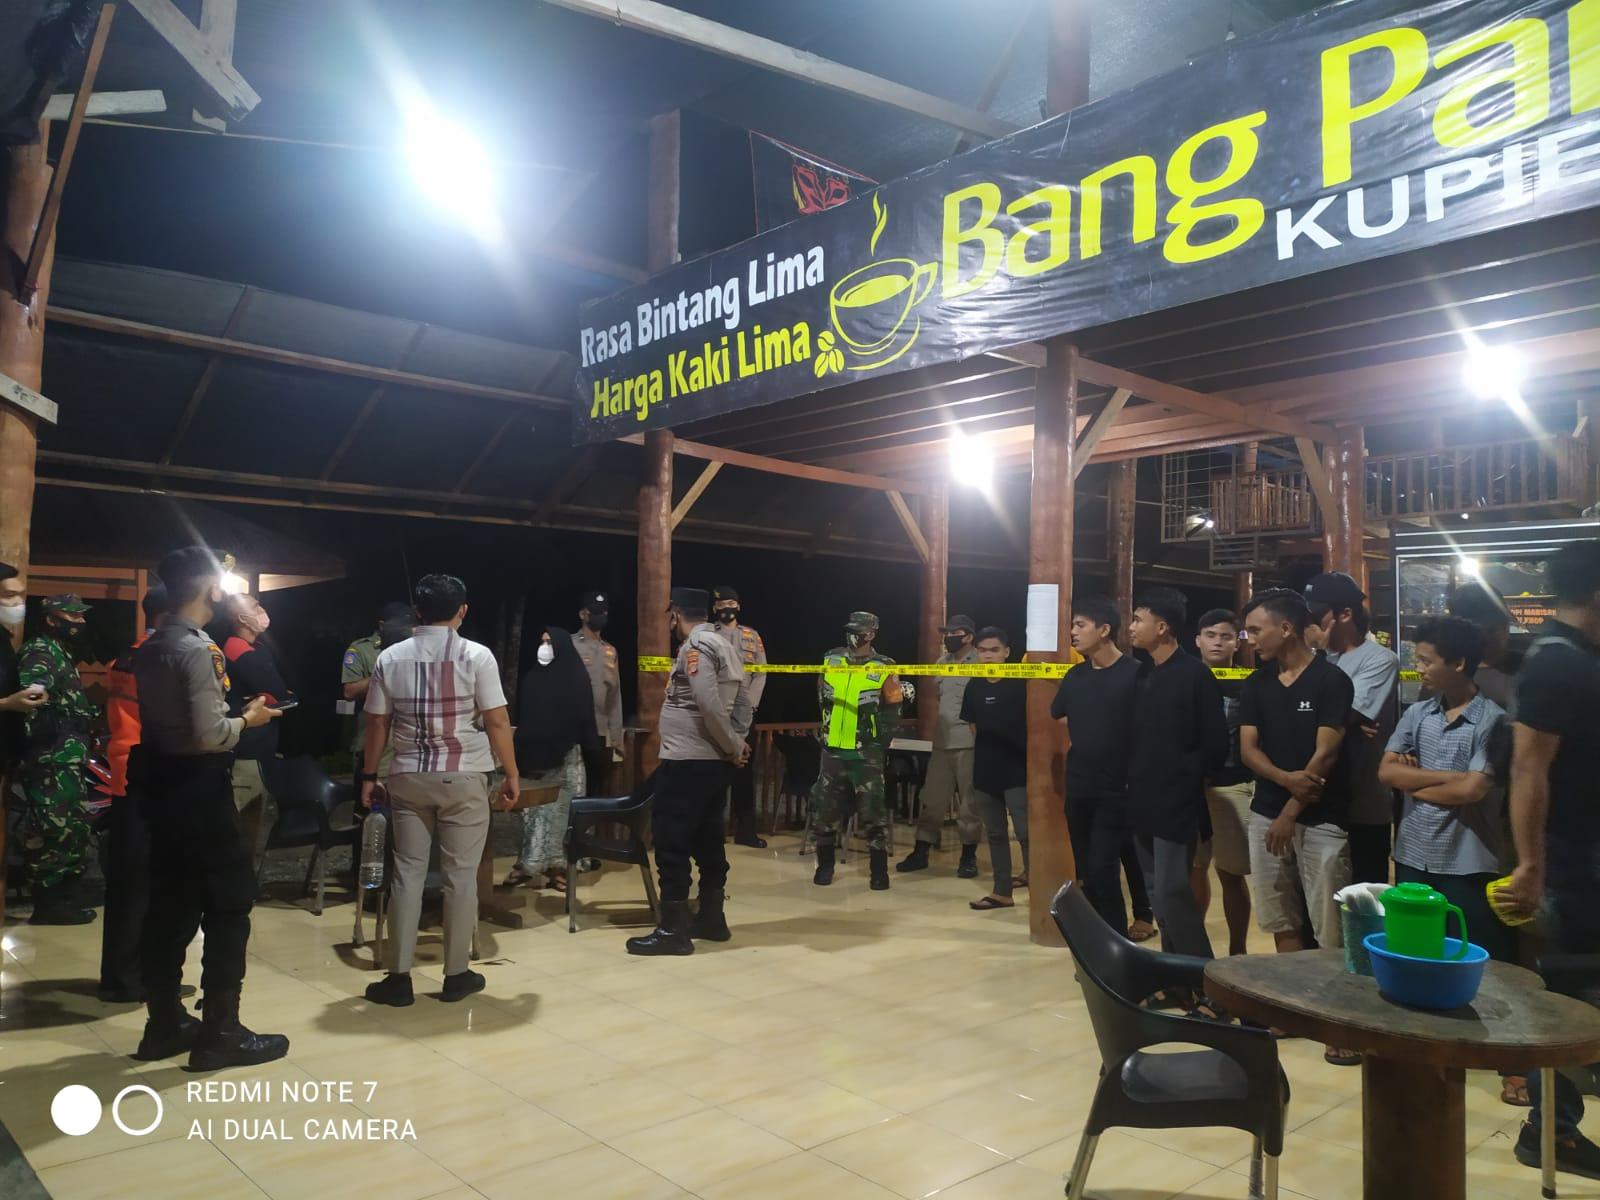 Sebelumnya Level 4 Banda Aceh Masuk Wilayah Ppkm Level 3 Berlaku Mulai Hari Ini Waspada Aceh